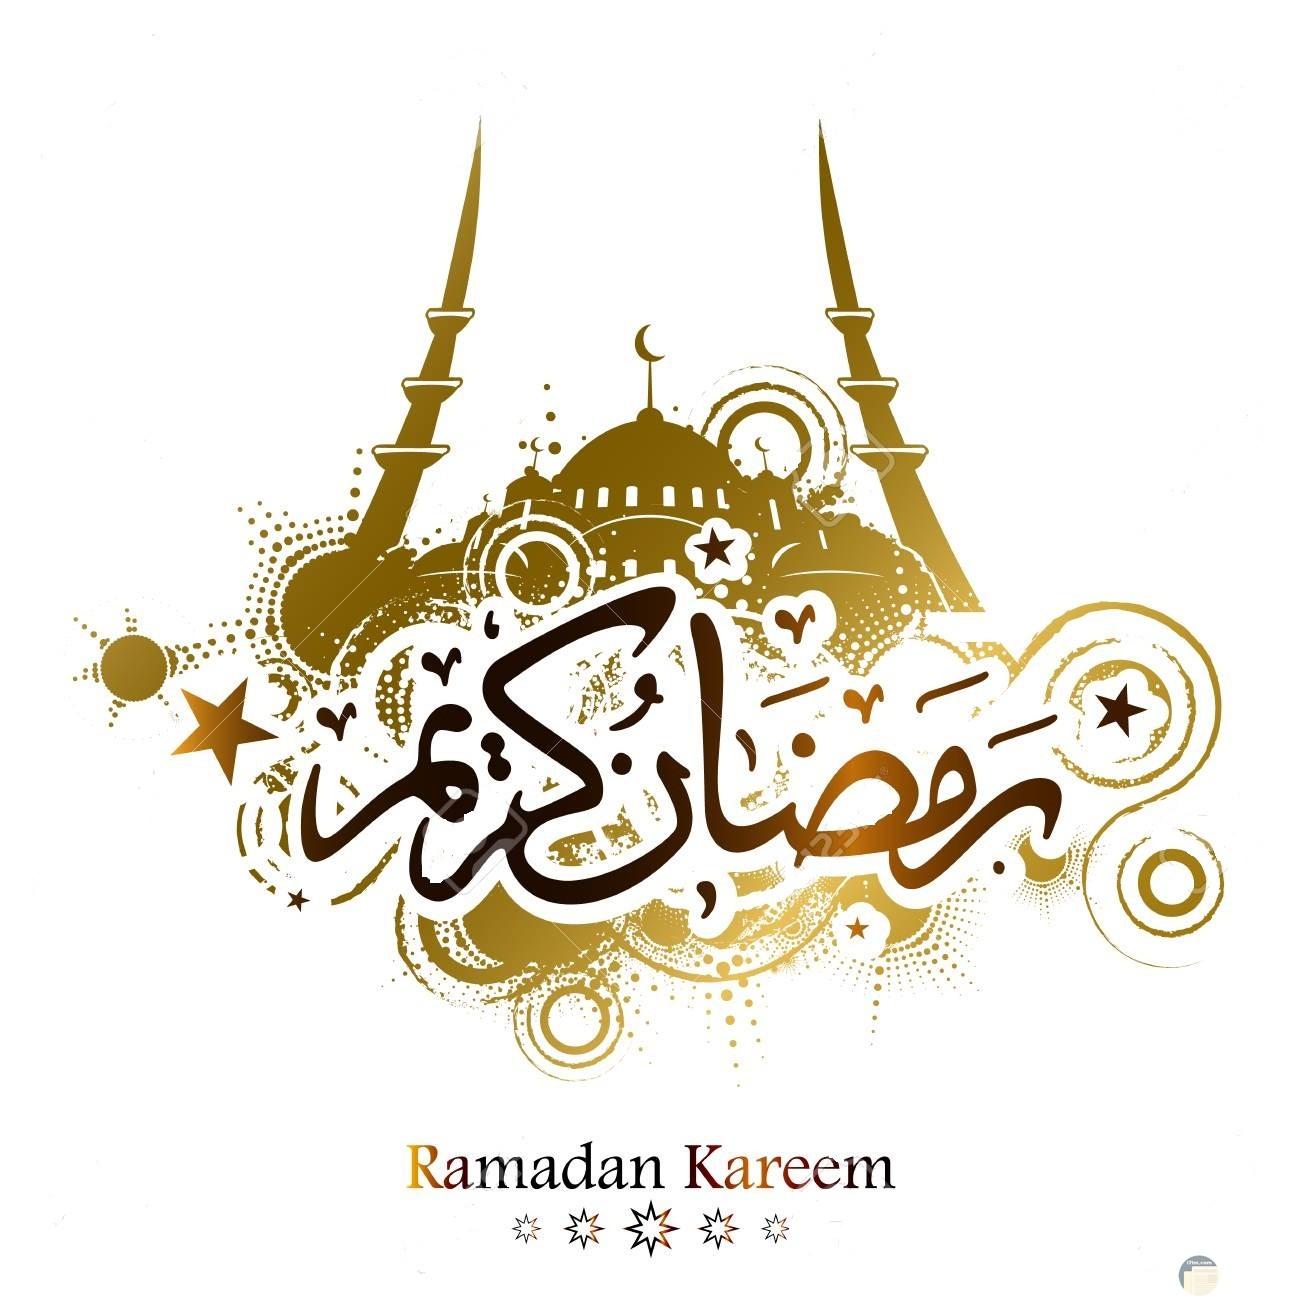 رمضان كريم مع رمز لمسجد ذهبي و خلفية بيضاء.